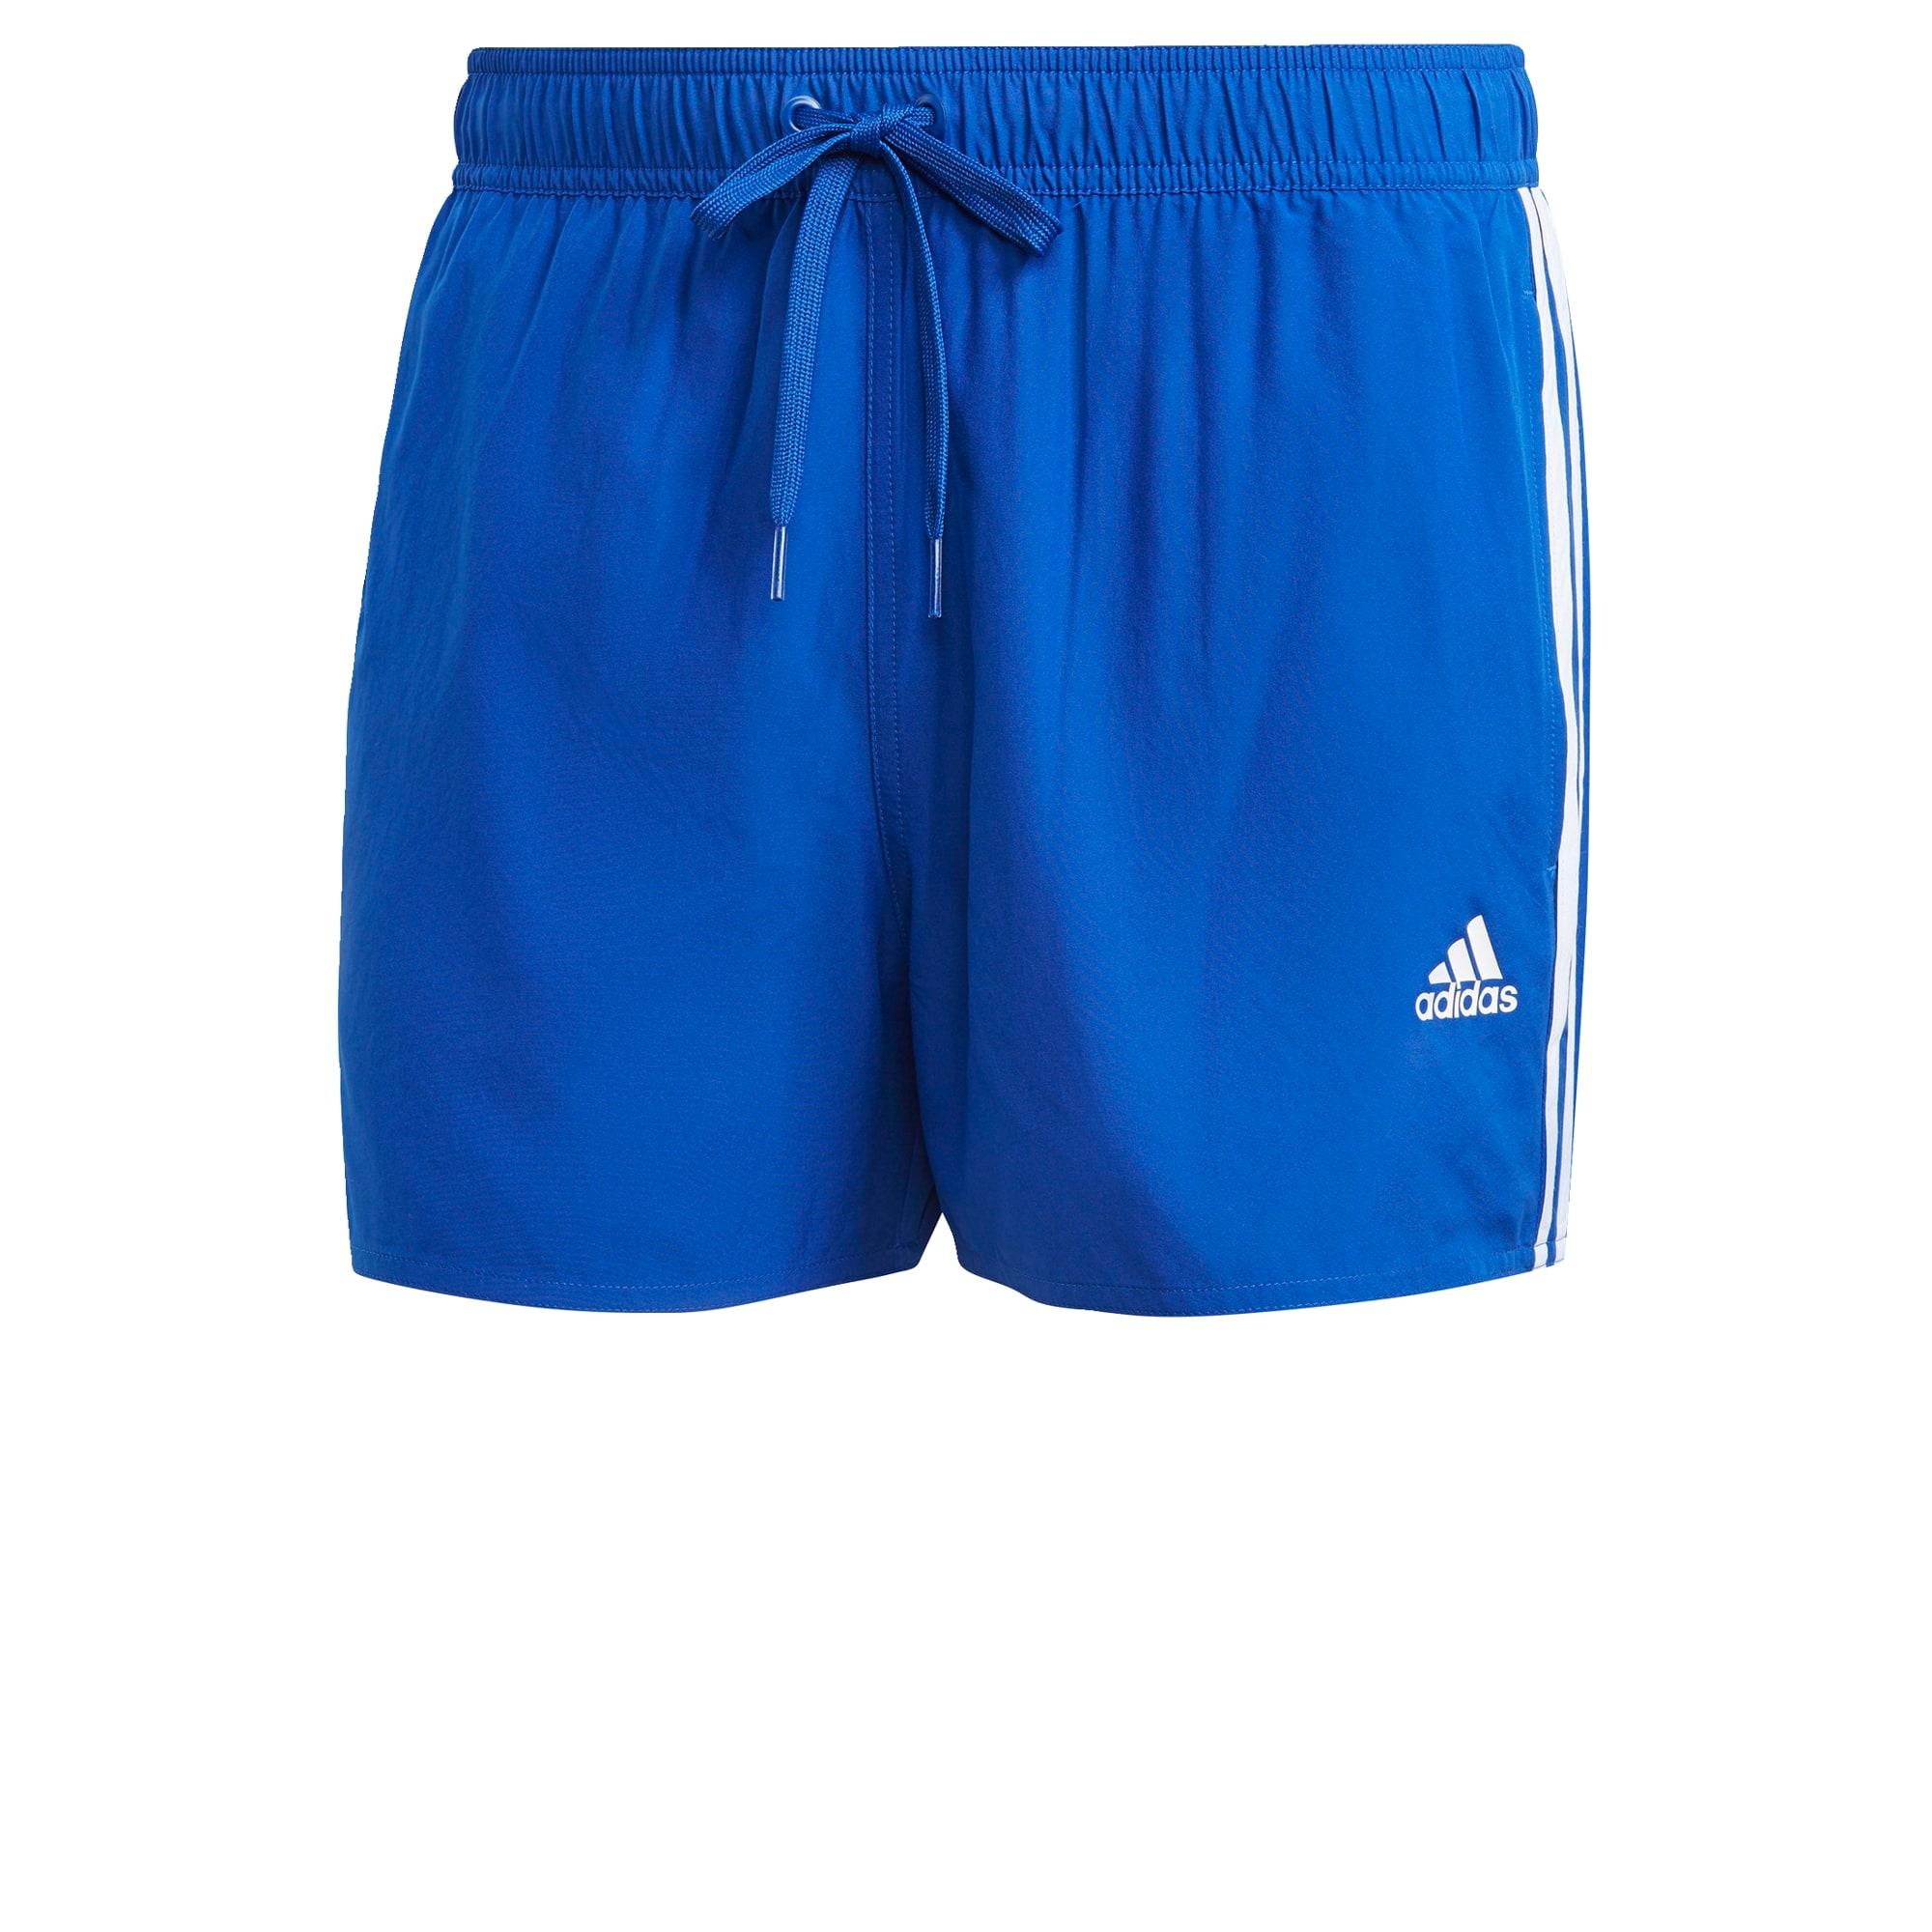 ADIDAS PERFORMANCE Sportinės glaudės balta / mėlyna